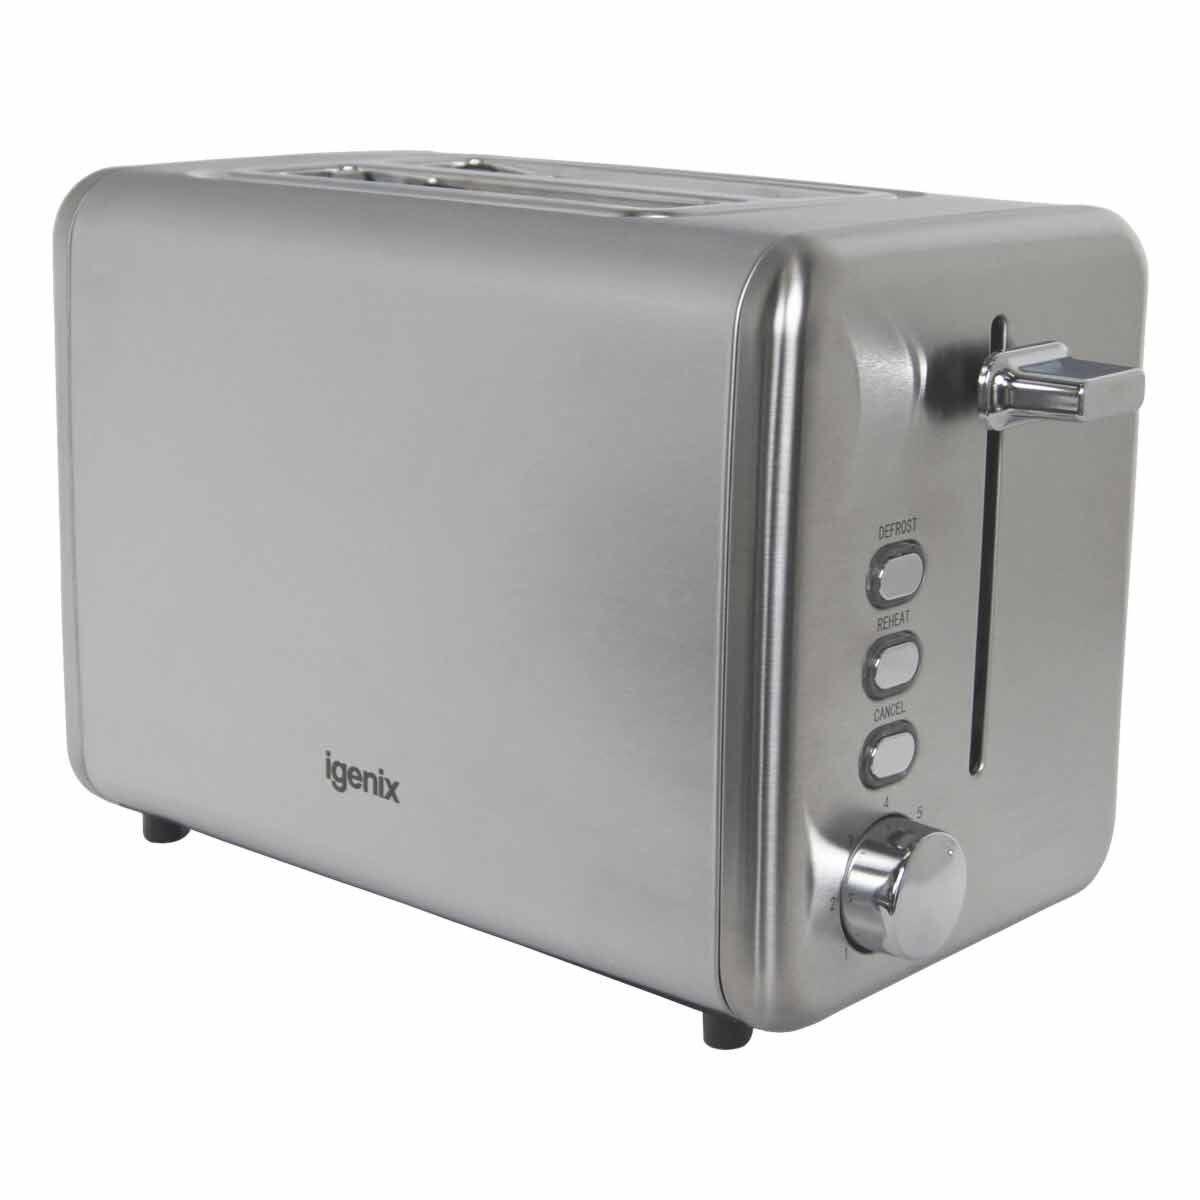 Igenix Stainless Steel 2 Slice Toaster